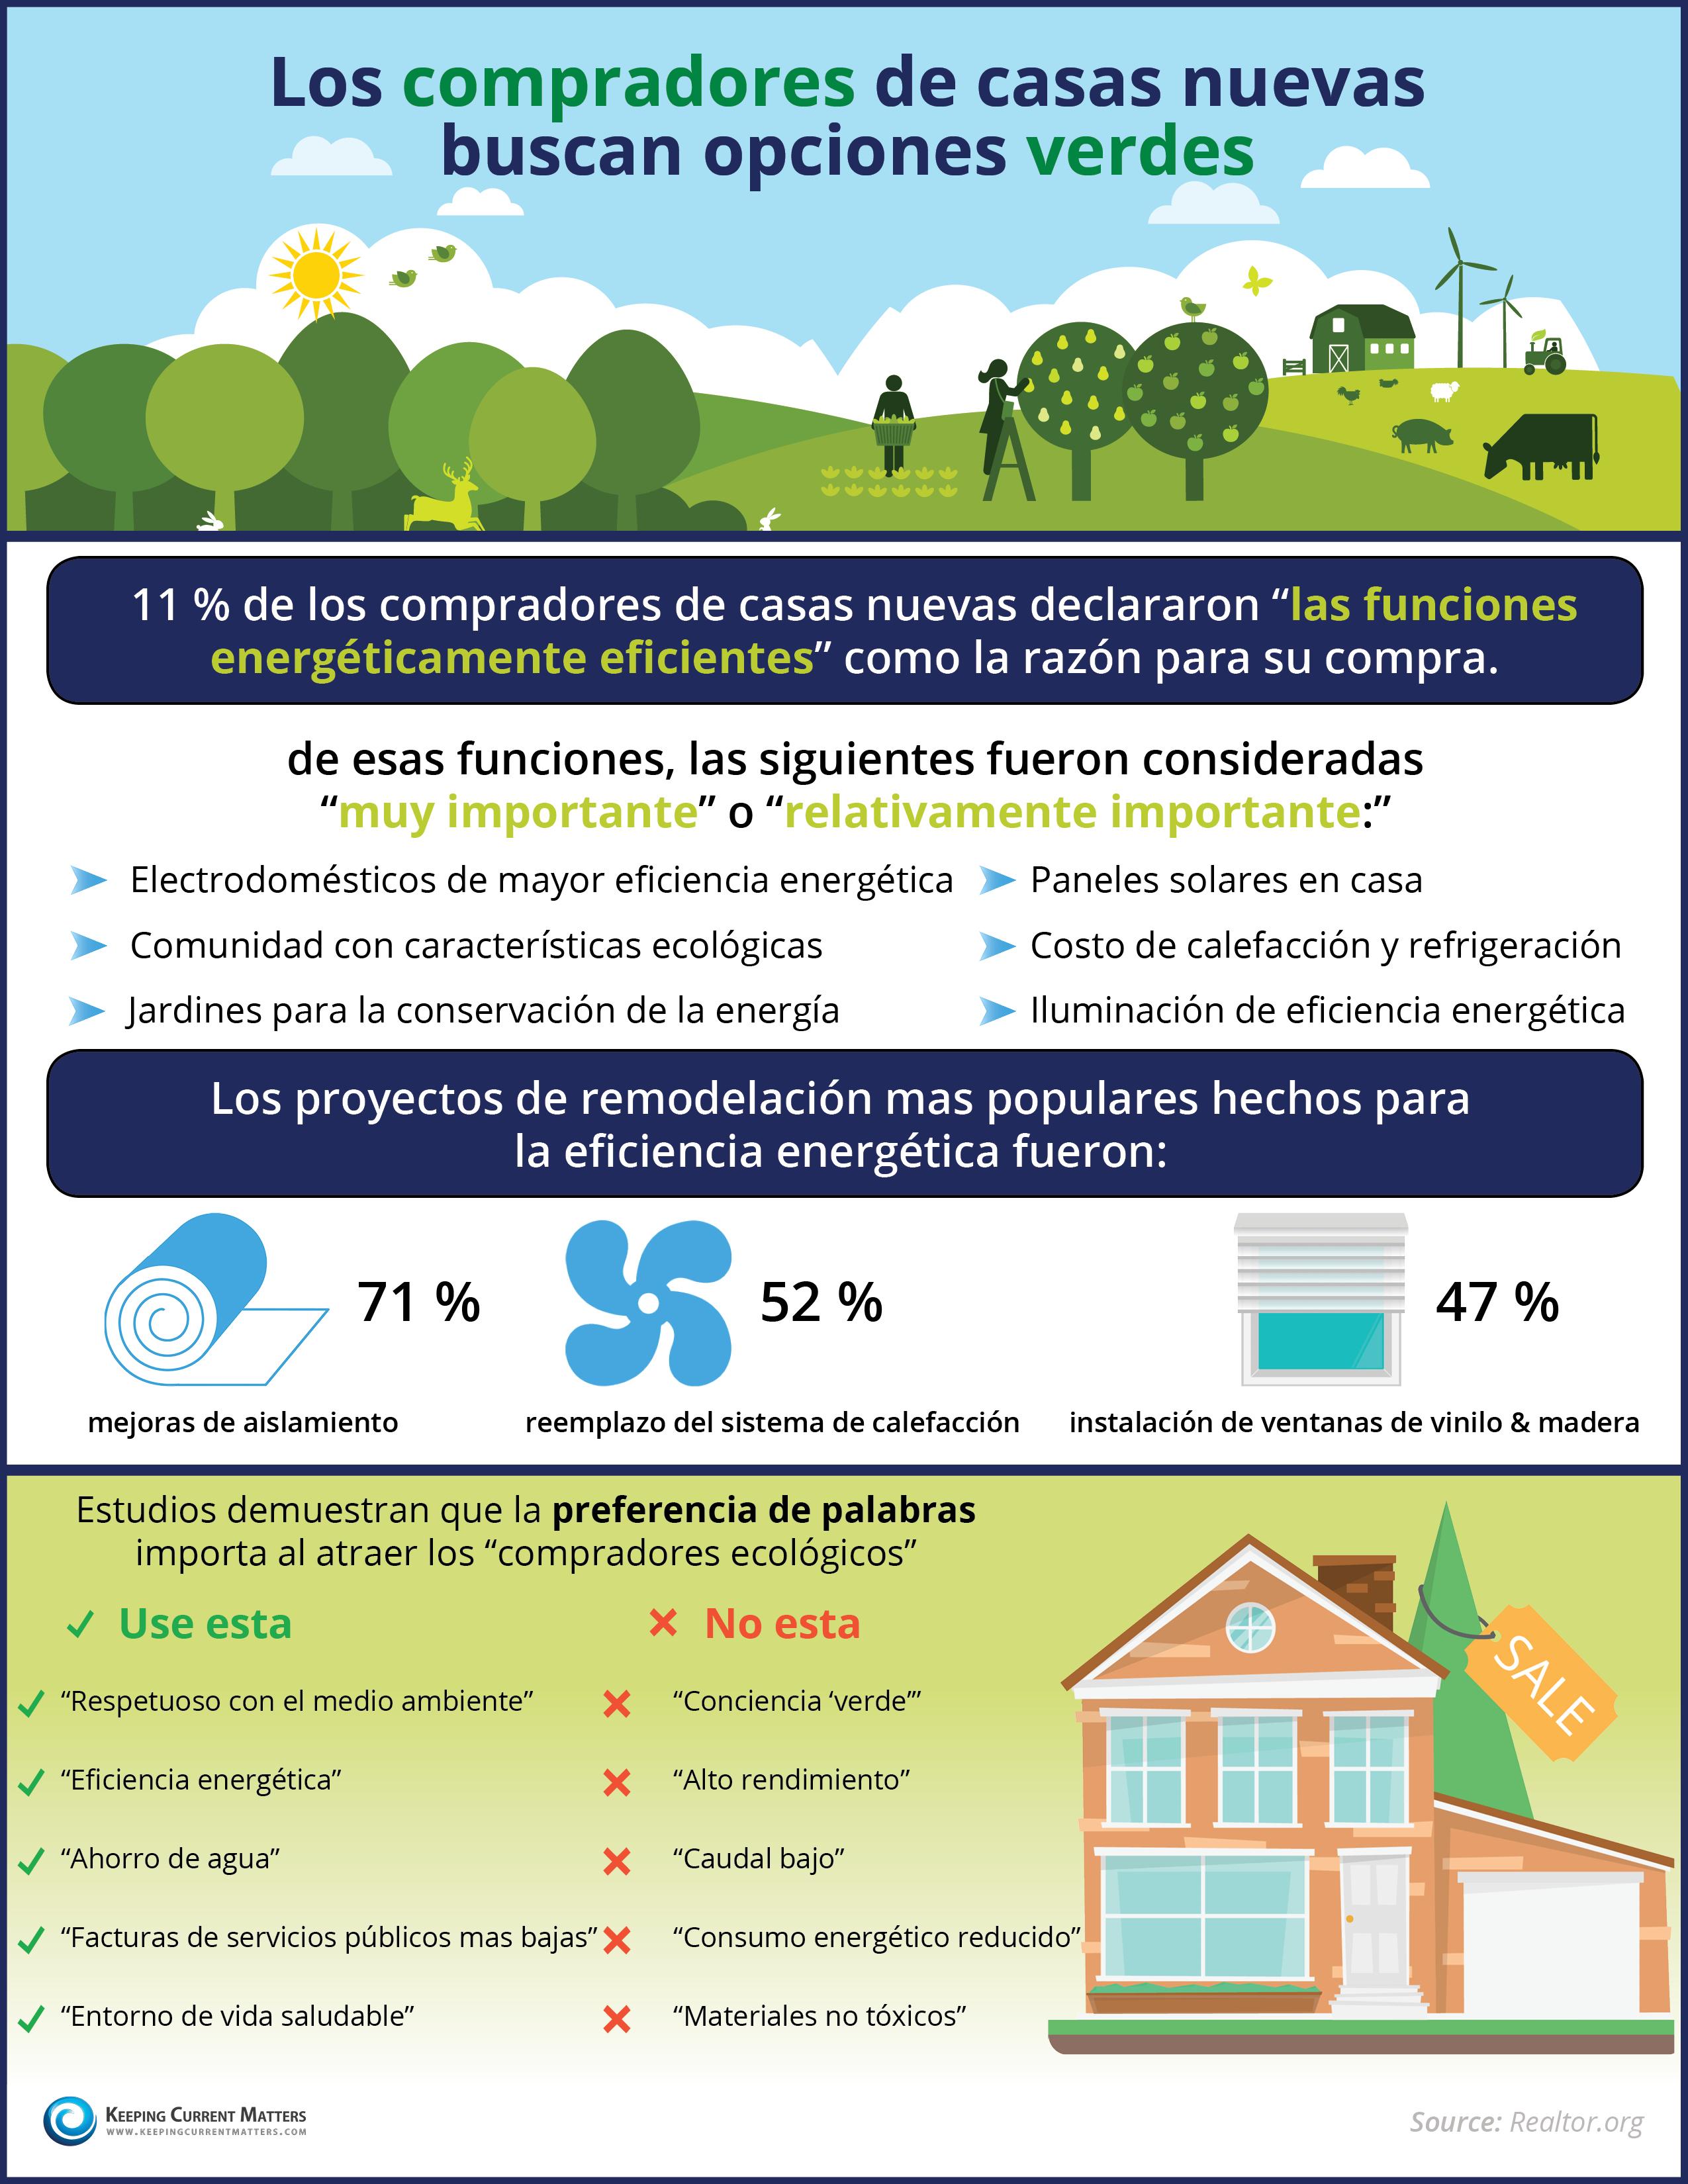 Los compradores de casas nuevas buscan opciones verdes [INFOGRAFíA] | Keeping Current Matters